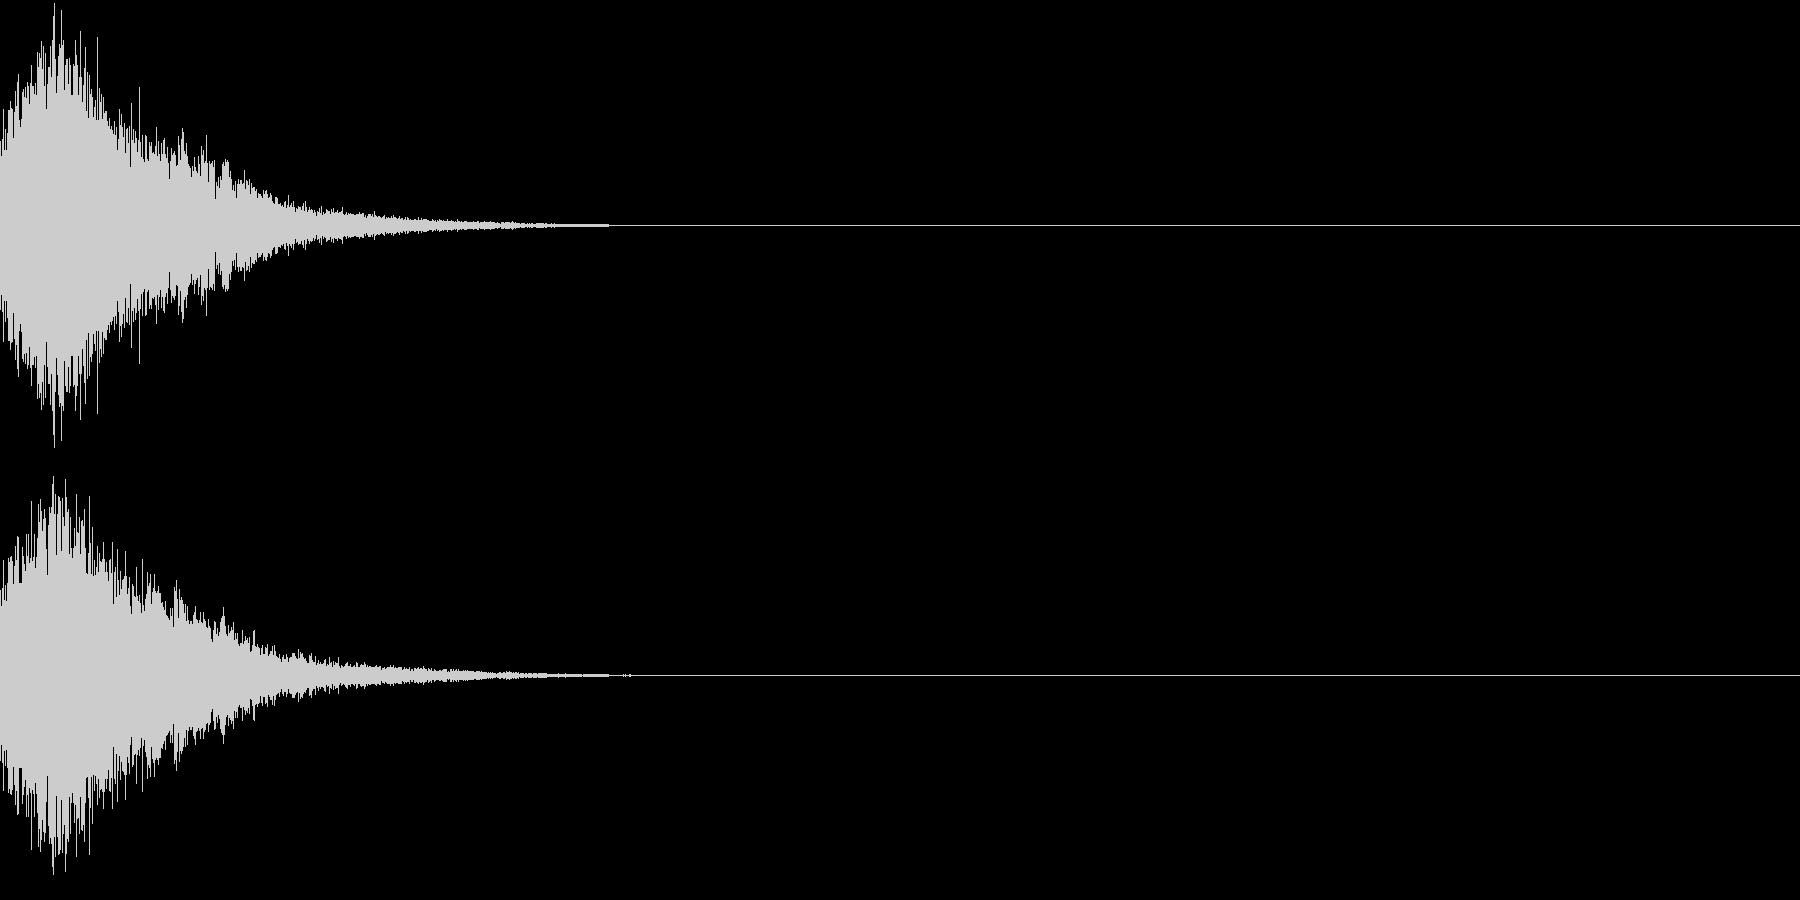 刀 剣 カキーン シャキーン 目立つ18の未再生の波形